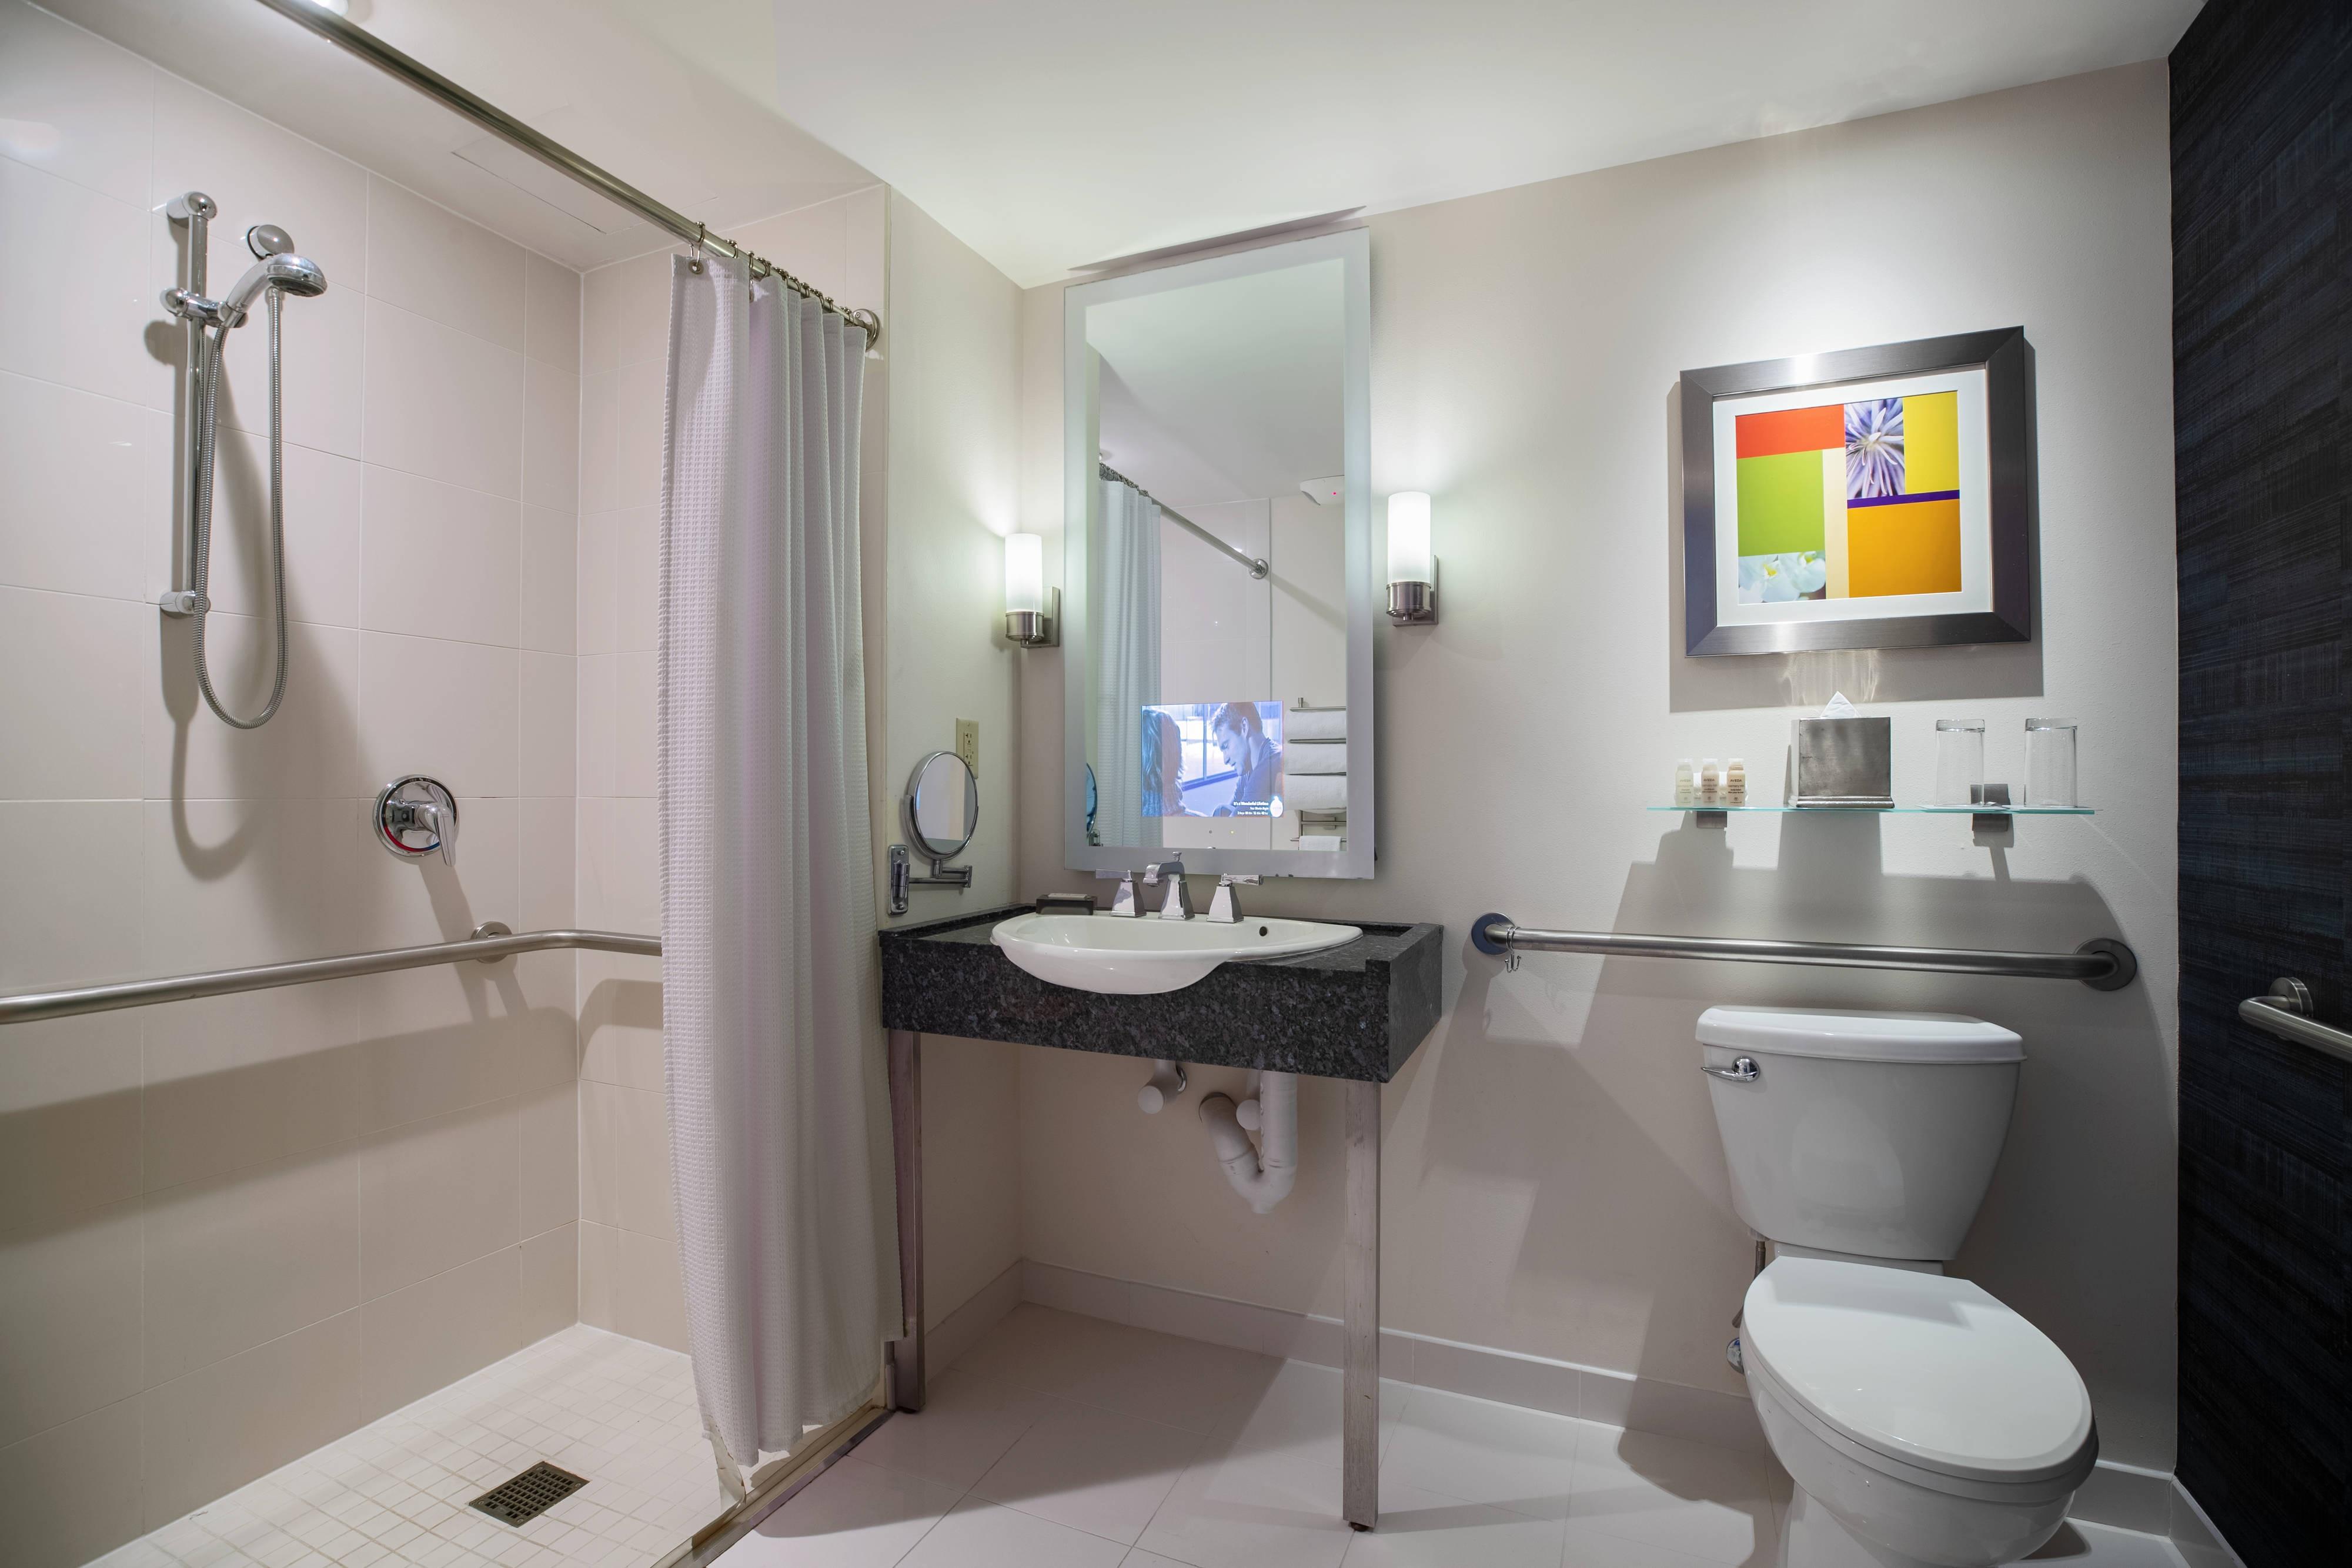 Salle de bain accessible aux personnes à mobilité réduite - Douche accessible en fauteuil roulant